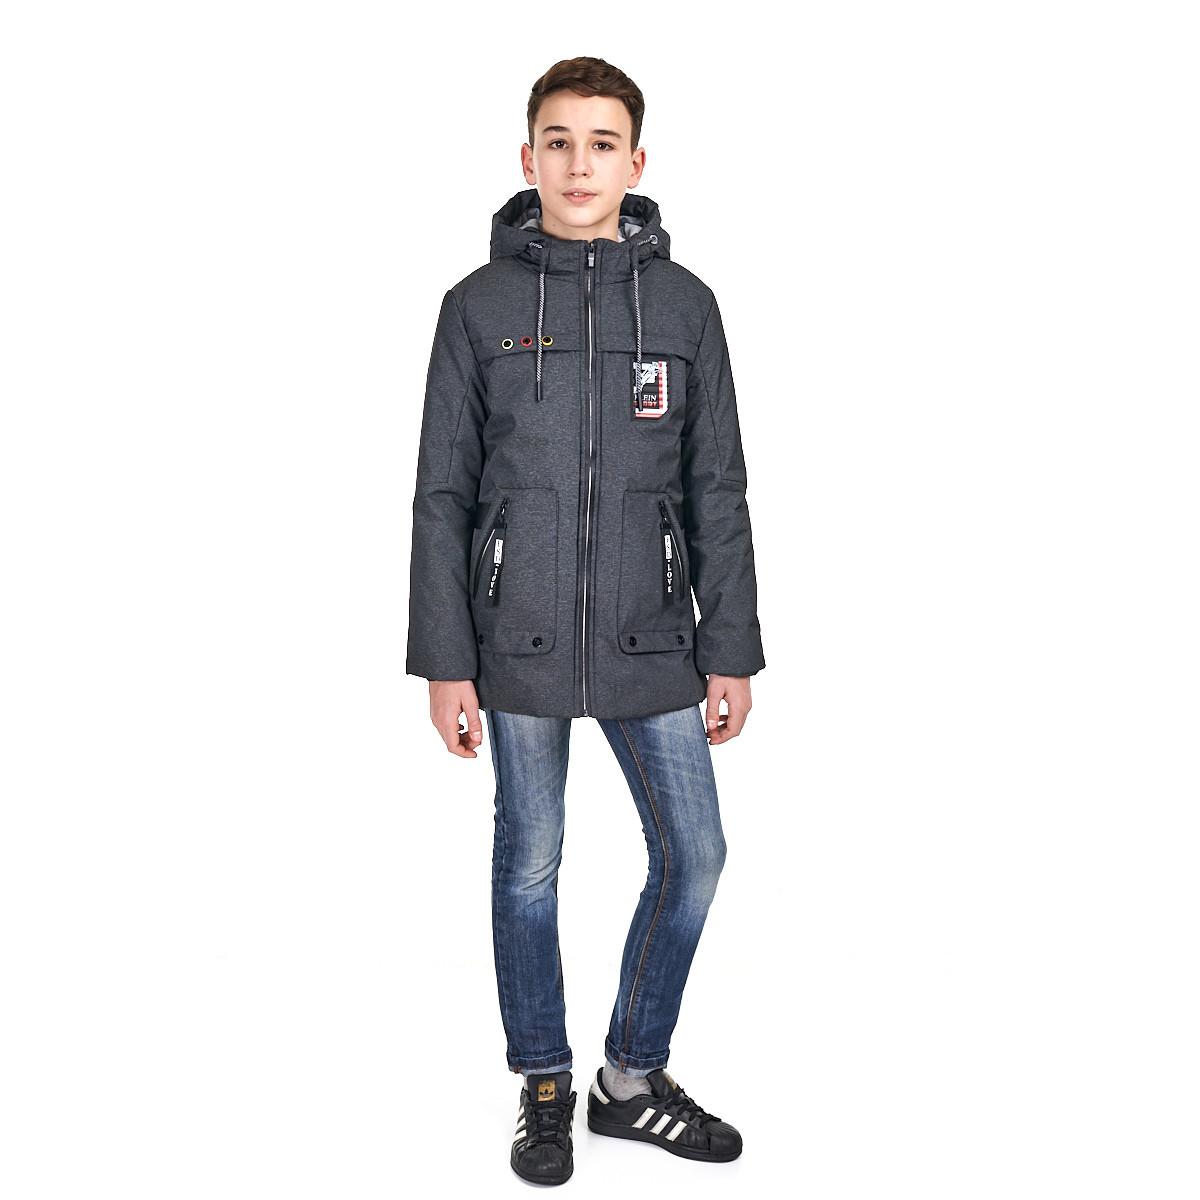 Осеняя куртка на мальчика, размеры 146-170 есть наушники